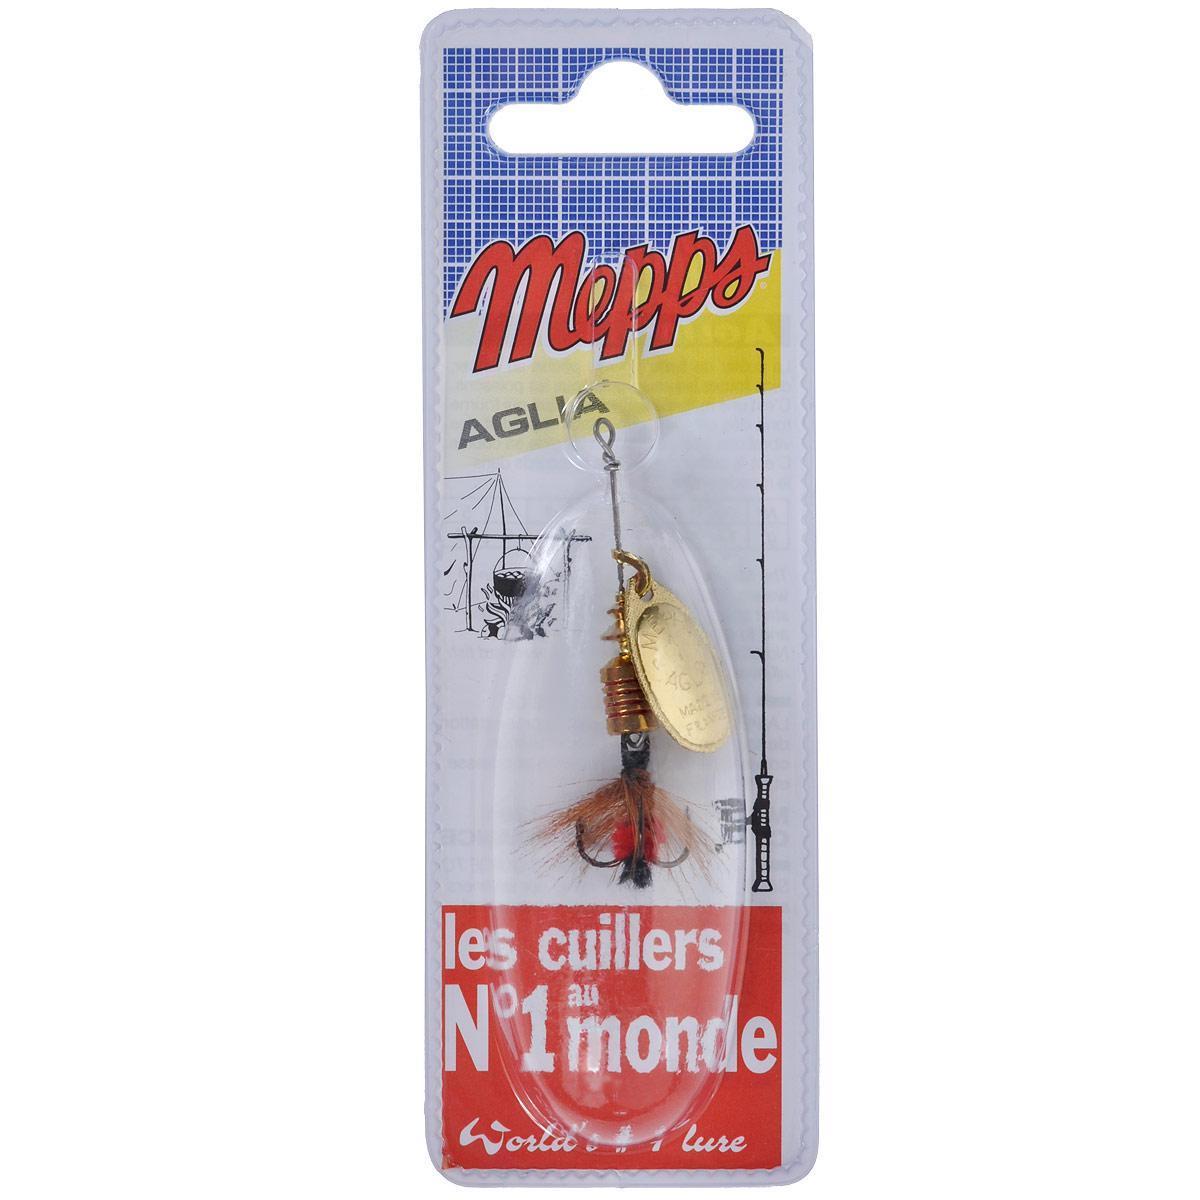 Блесна Mepps Aglia OR Mouch. Rouge, вращающаяся, №15741Вращающаяся блесна Mepps Aglia OR Mouch. Rouge оснащена мушкой из натурального беличьего хвоста, это очень эффективные приманки для ловли жереха, голавля, язя, окуня и других видов рыб, особенно в периоды массового вылета насекомых. Aglia Mouche - некрупная блесна, которая особенно подходит для летней ловли рыбы (особенно осторожной) на мелководье.